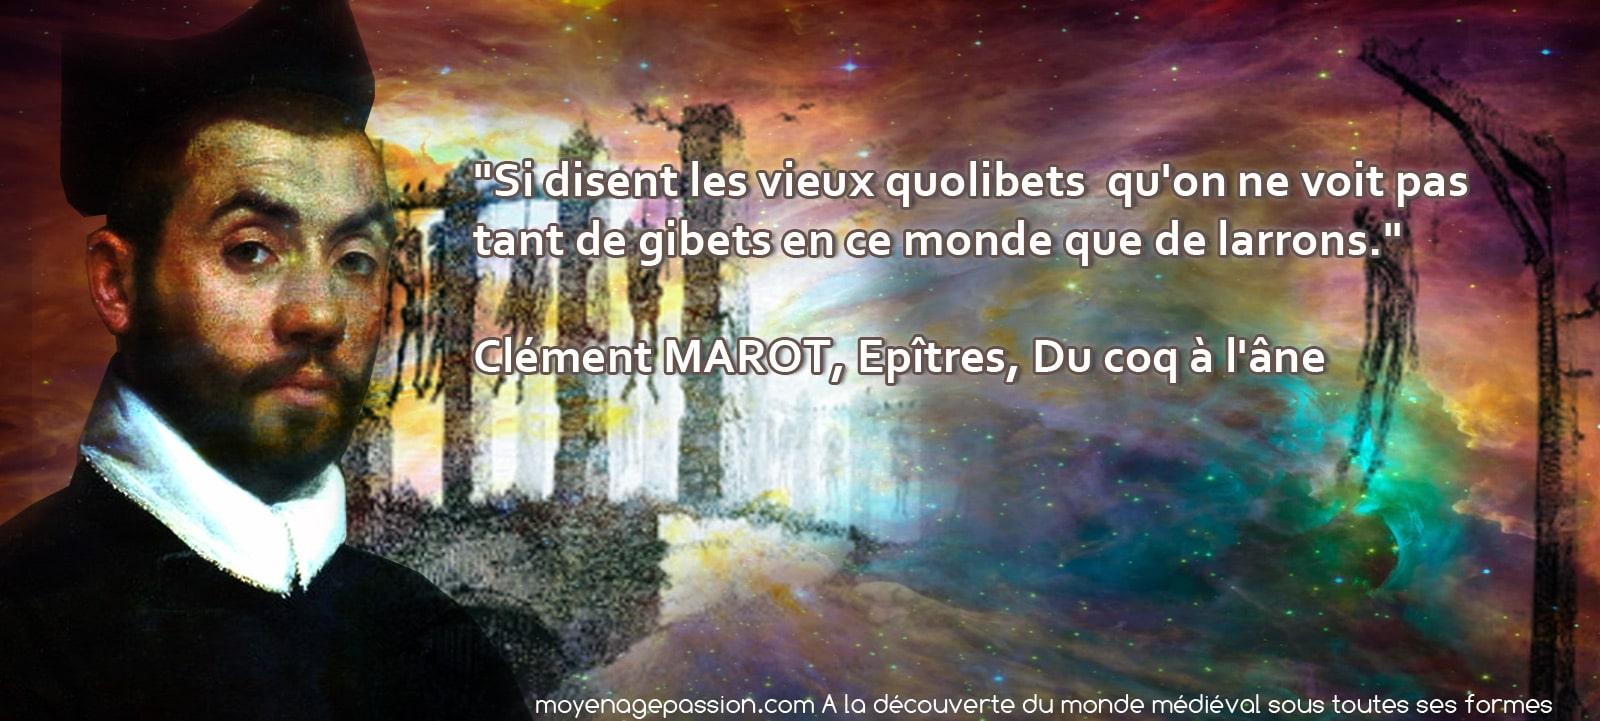 clement_marot_citations_monde_medieval_sagesse_moyen-age